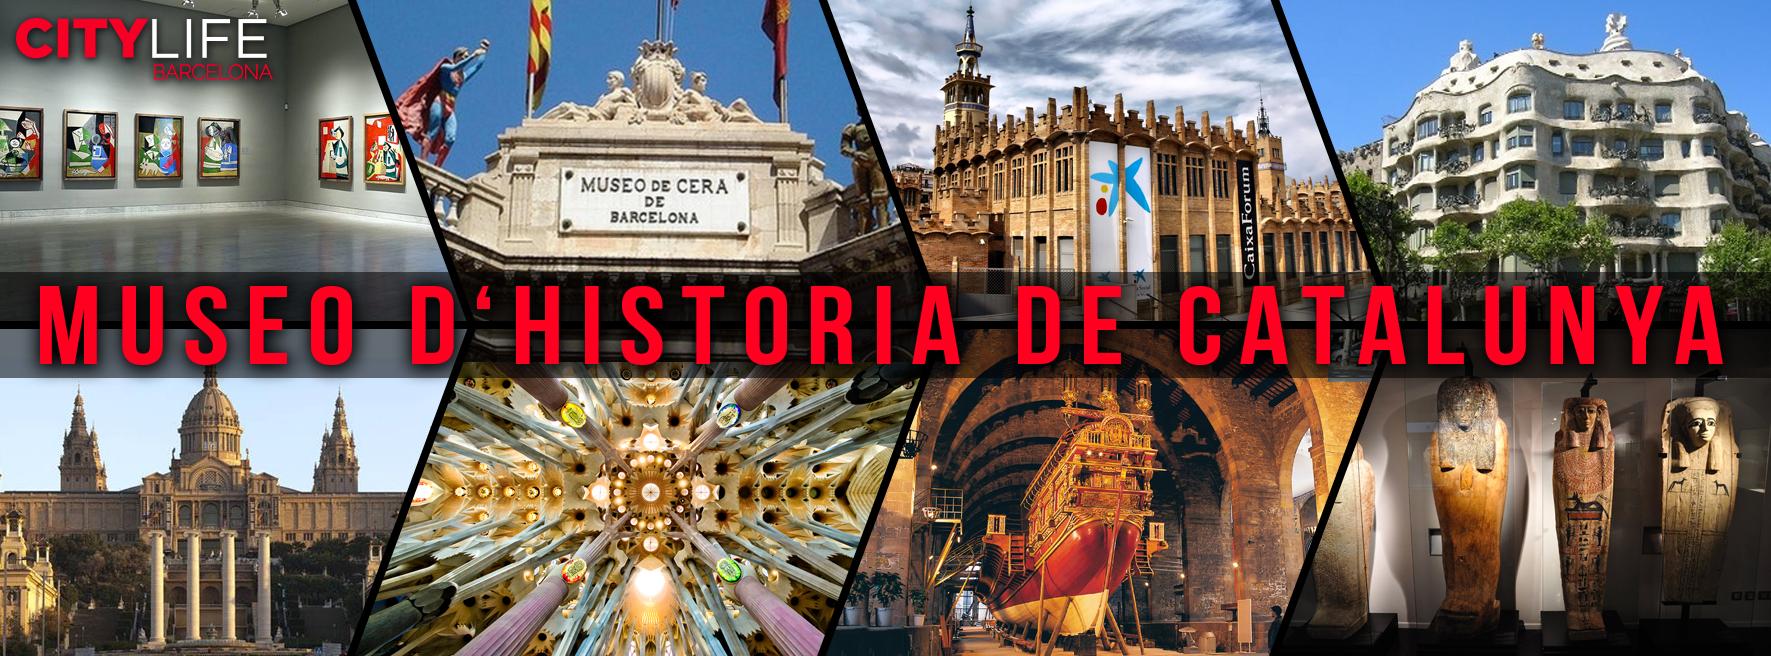 Discover the Museu d'Historia de Catalunya for FREE!